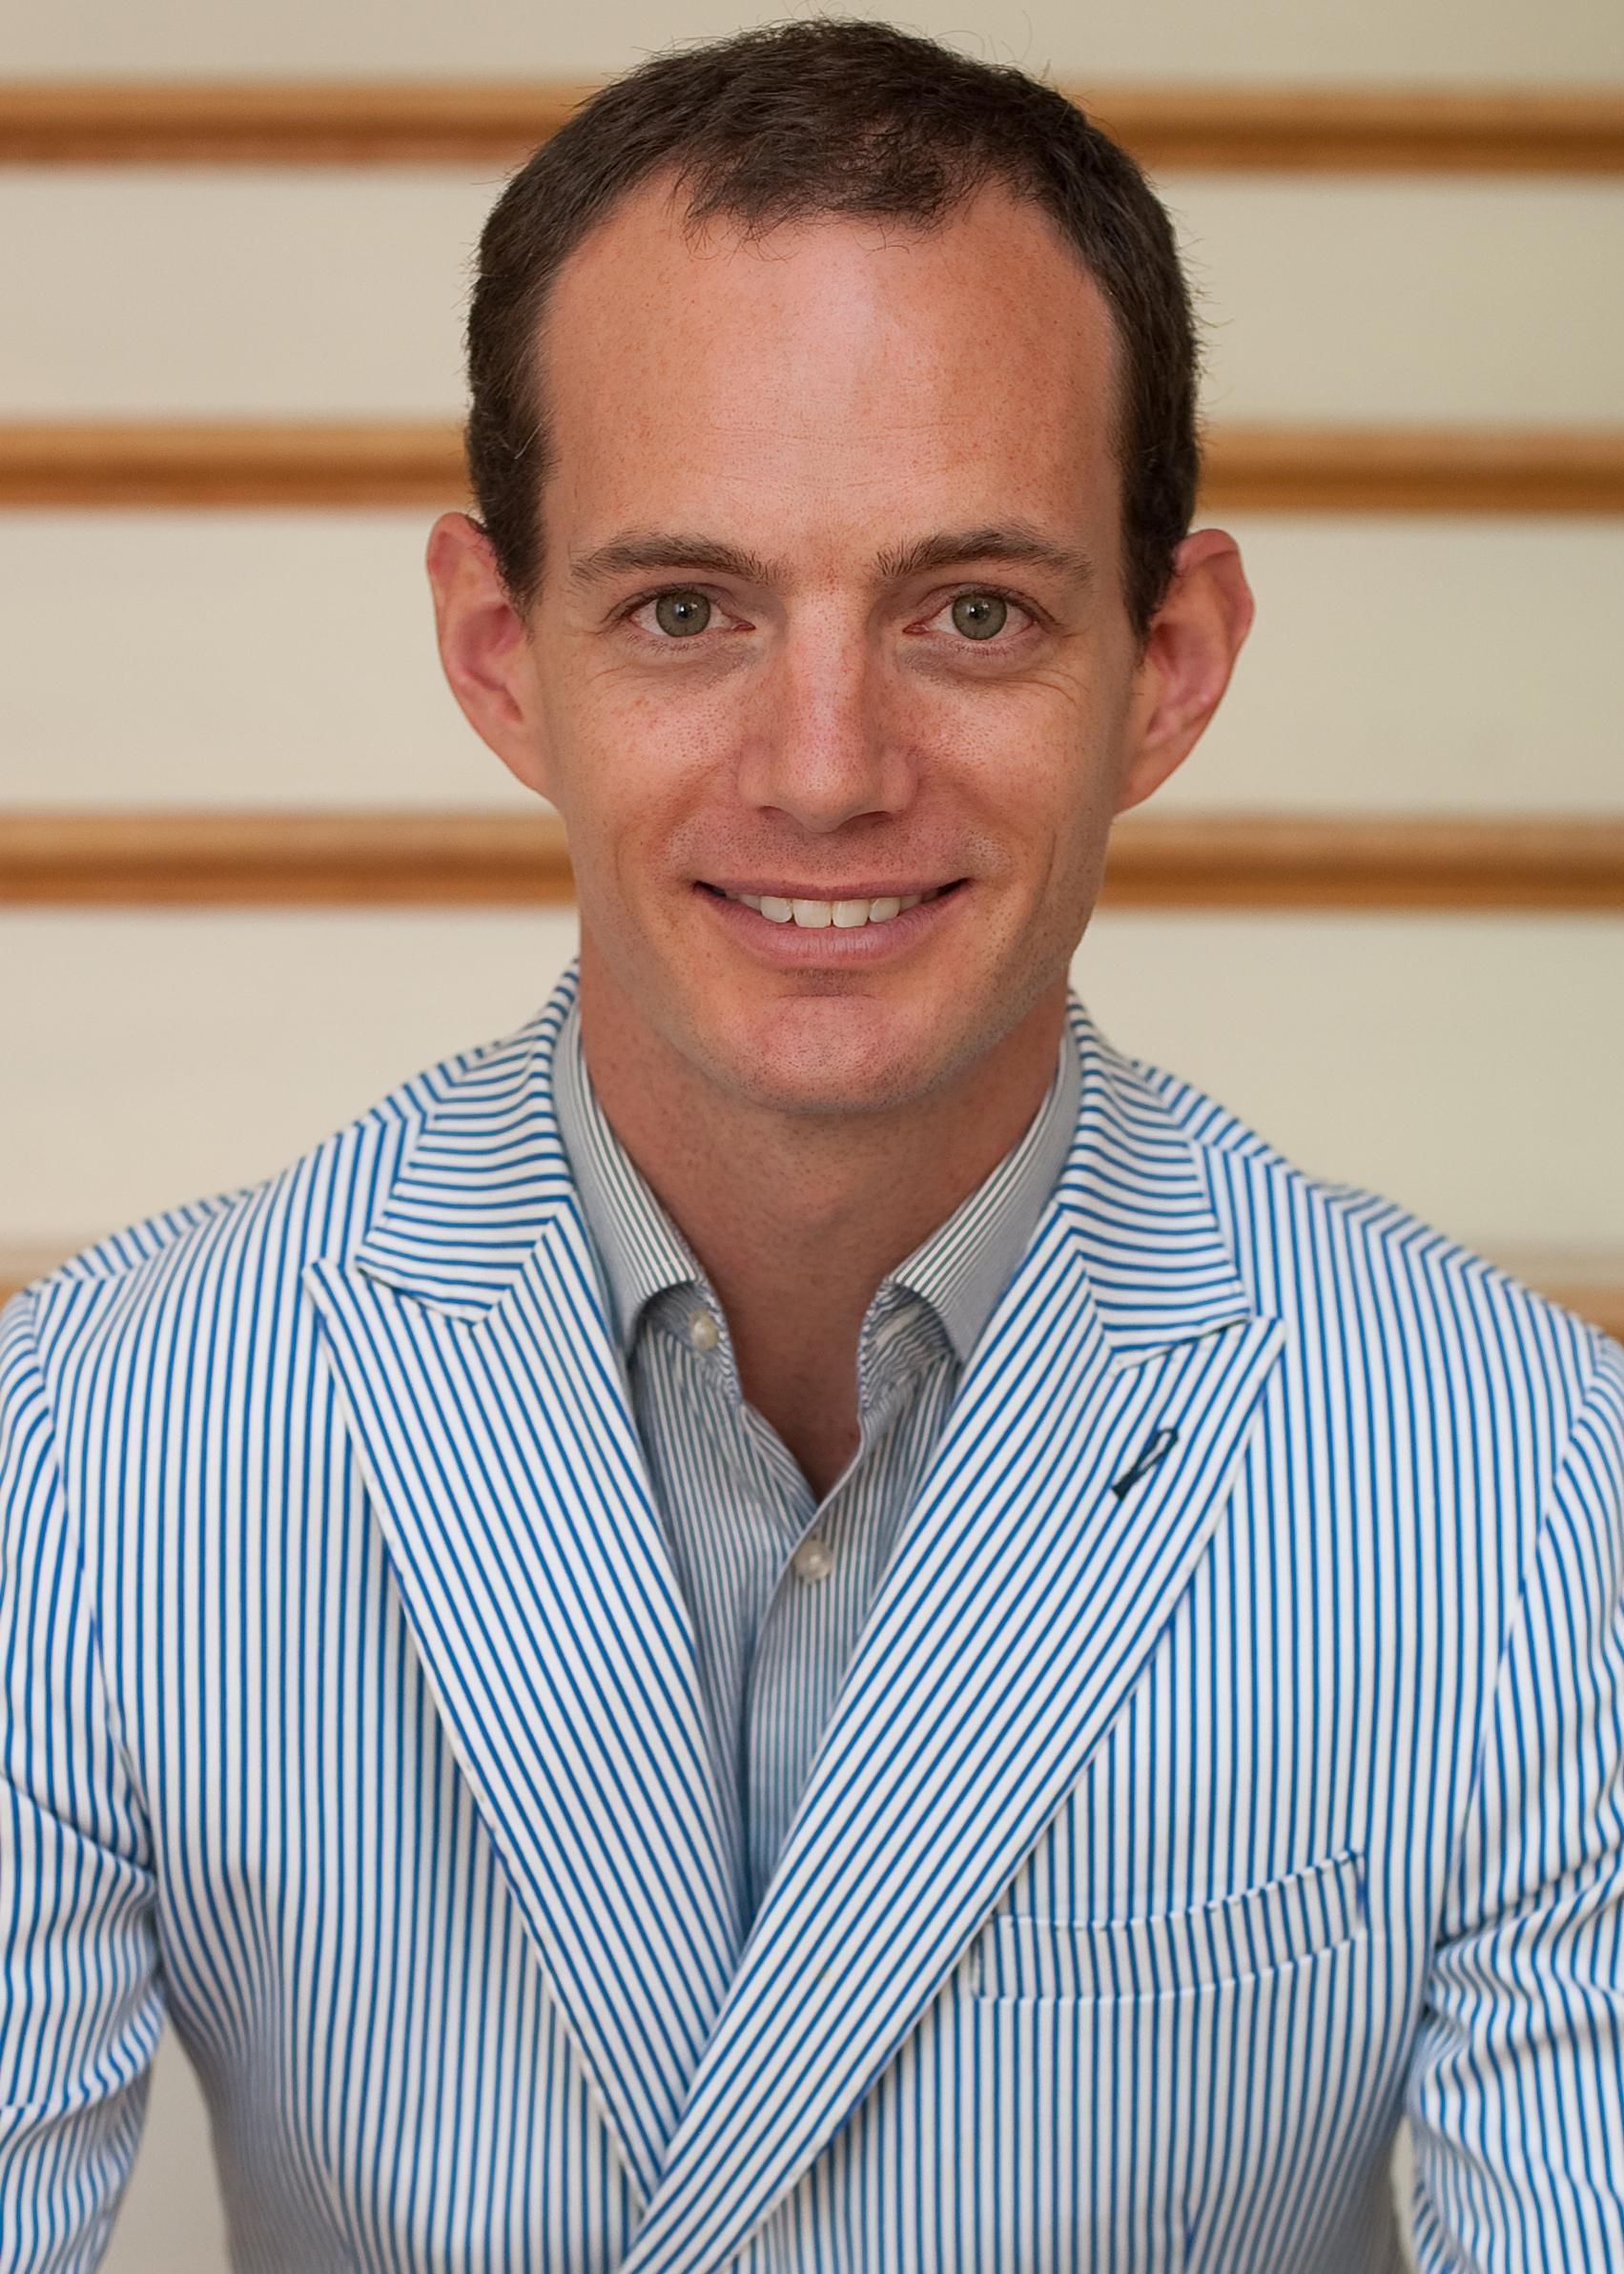 Jason Paul Peterson